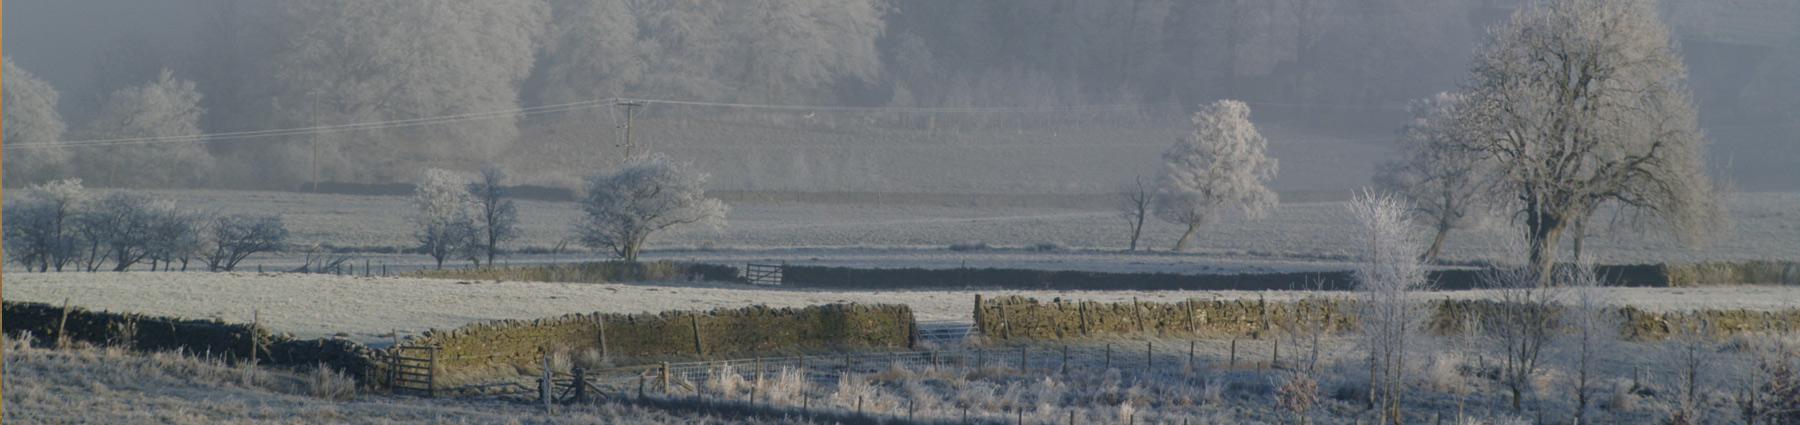 winteratburnlawslide